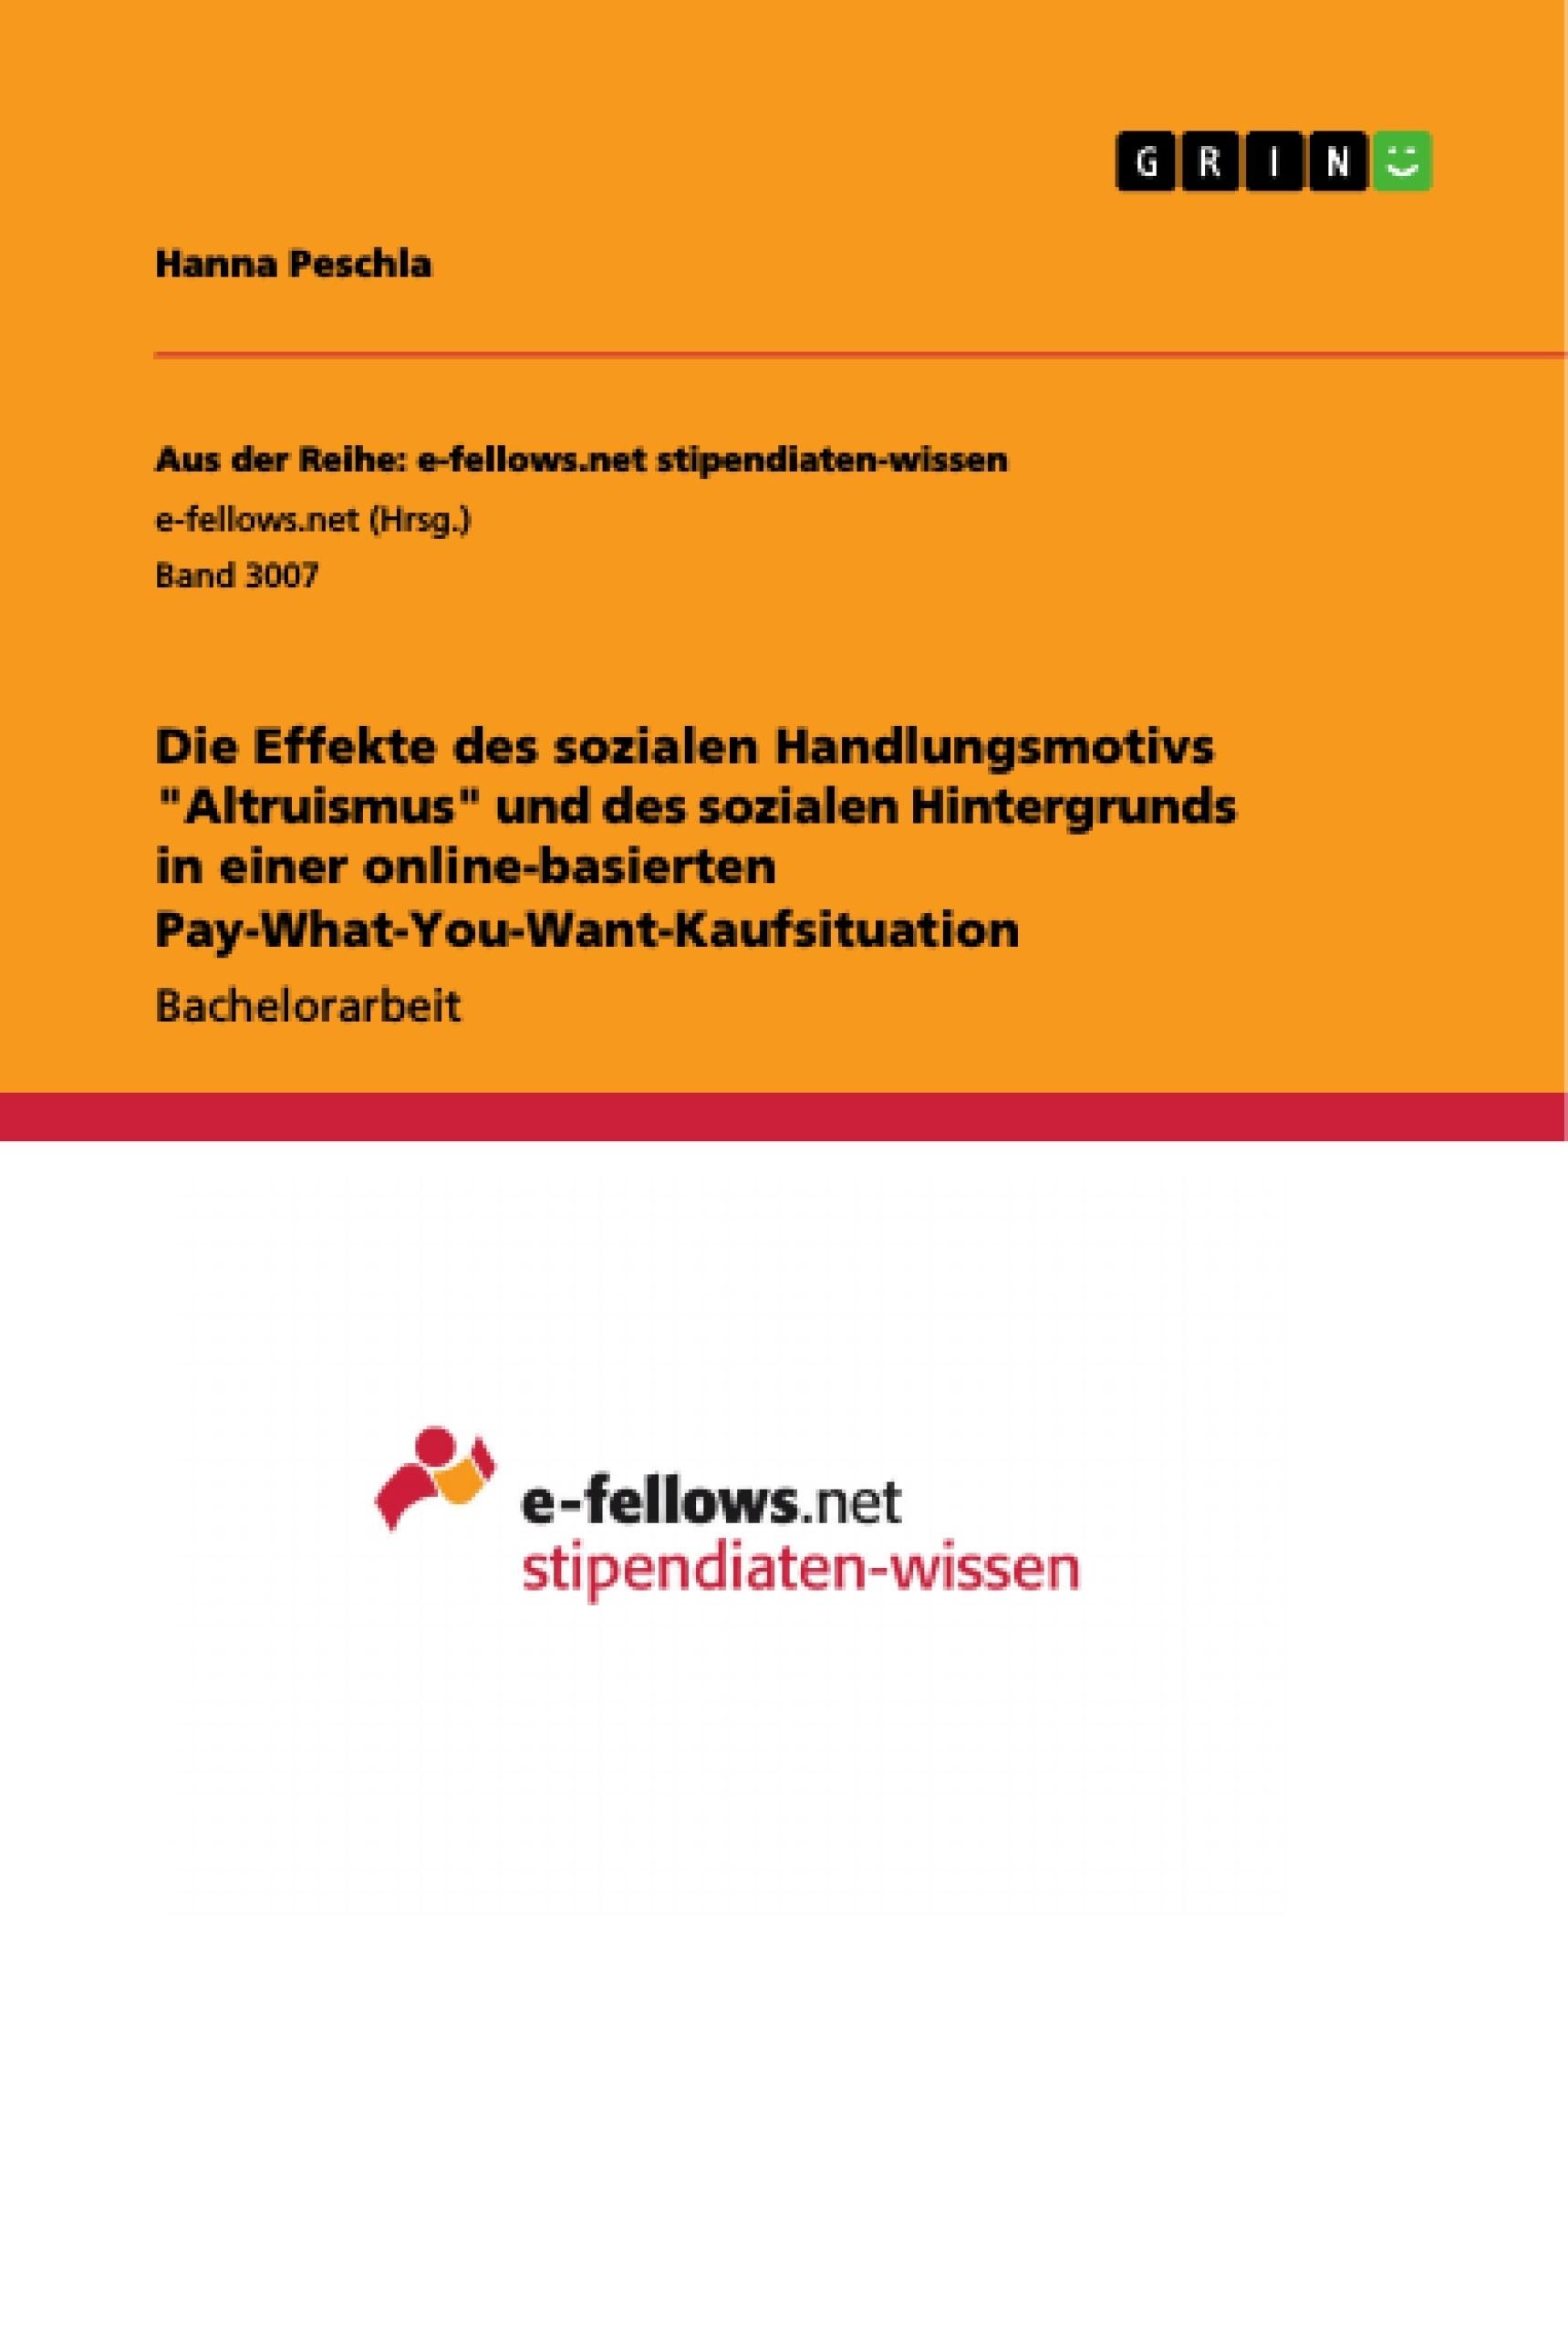 """Titel: Die Effekte des sozialen Handlungsmotivs """"Altruismus"""" und des sozialen Hintergrunds in einer online-basierten Pay-What-You-Want-Kaufsituation"""